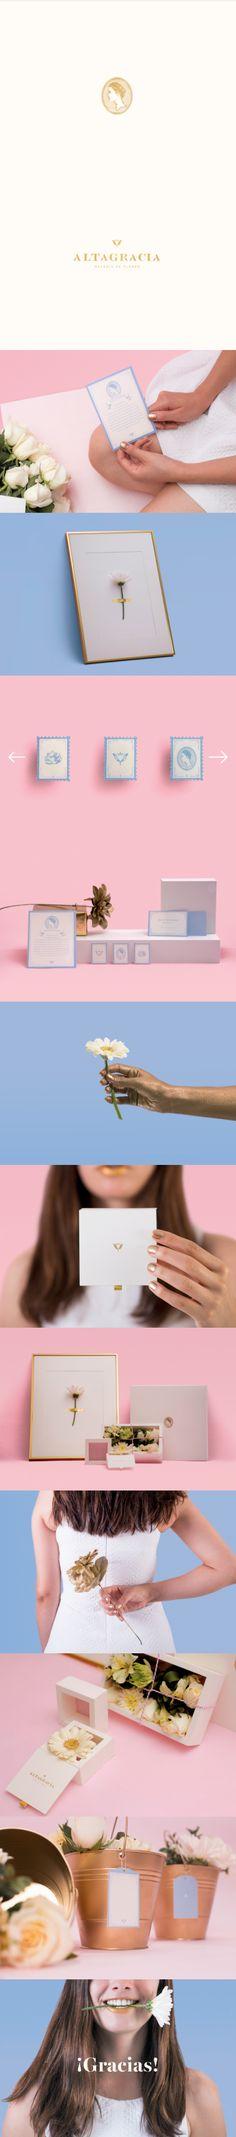 Altagracia Flower Shop Branding by Heavy